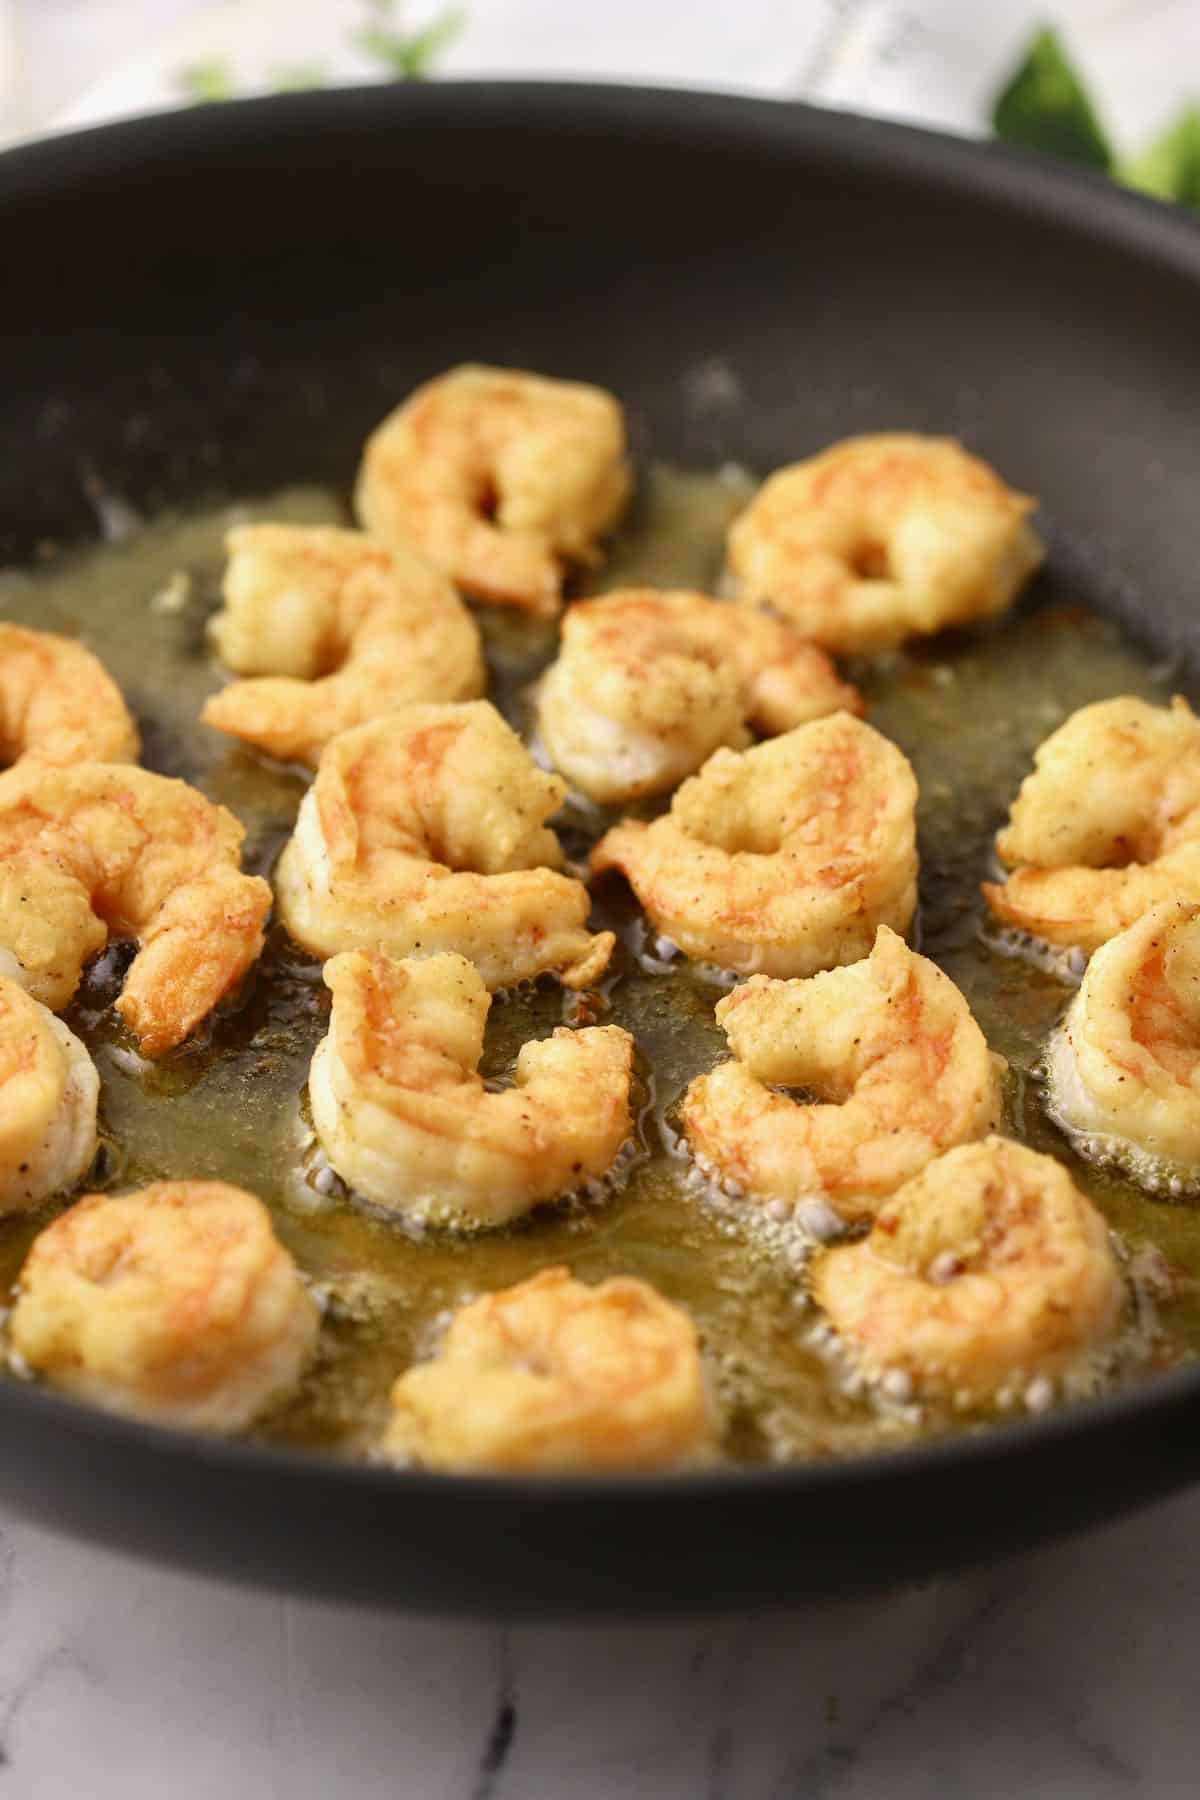 Fried shrimp cooking in a skillet.